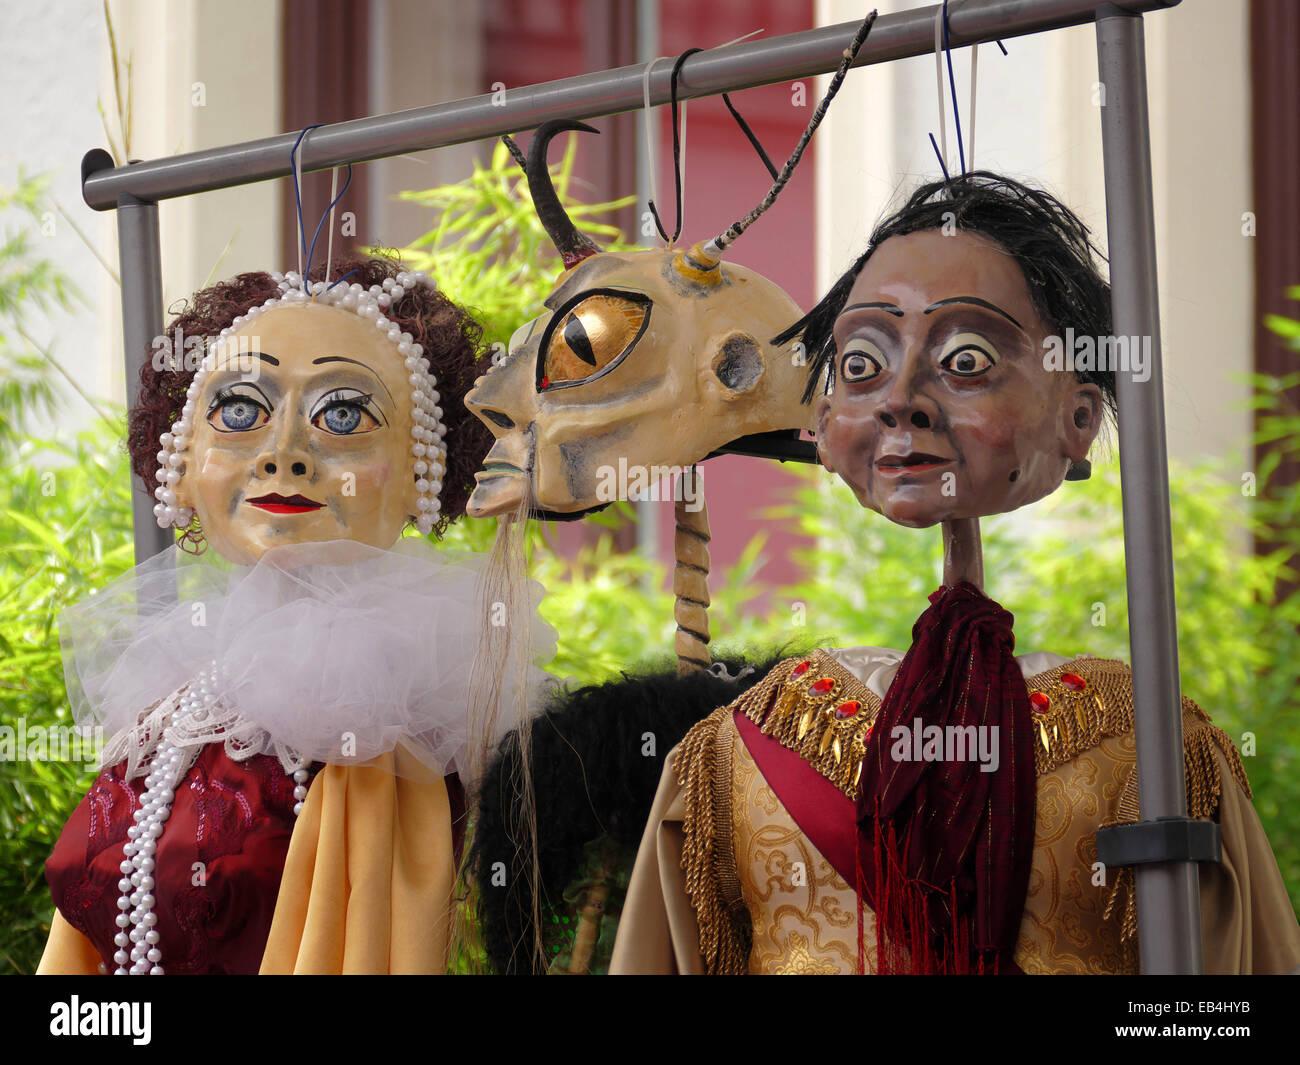 Una notte di mezza estate di sogno, figure e ombre spettacolo teatrale a Monaco di Baviera casa dell'artista Immagini Stock